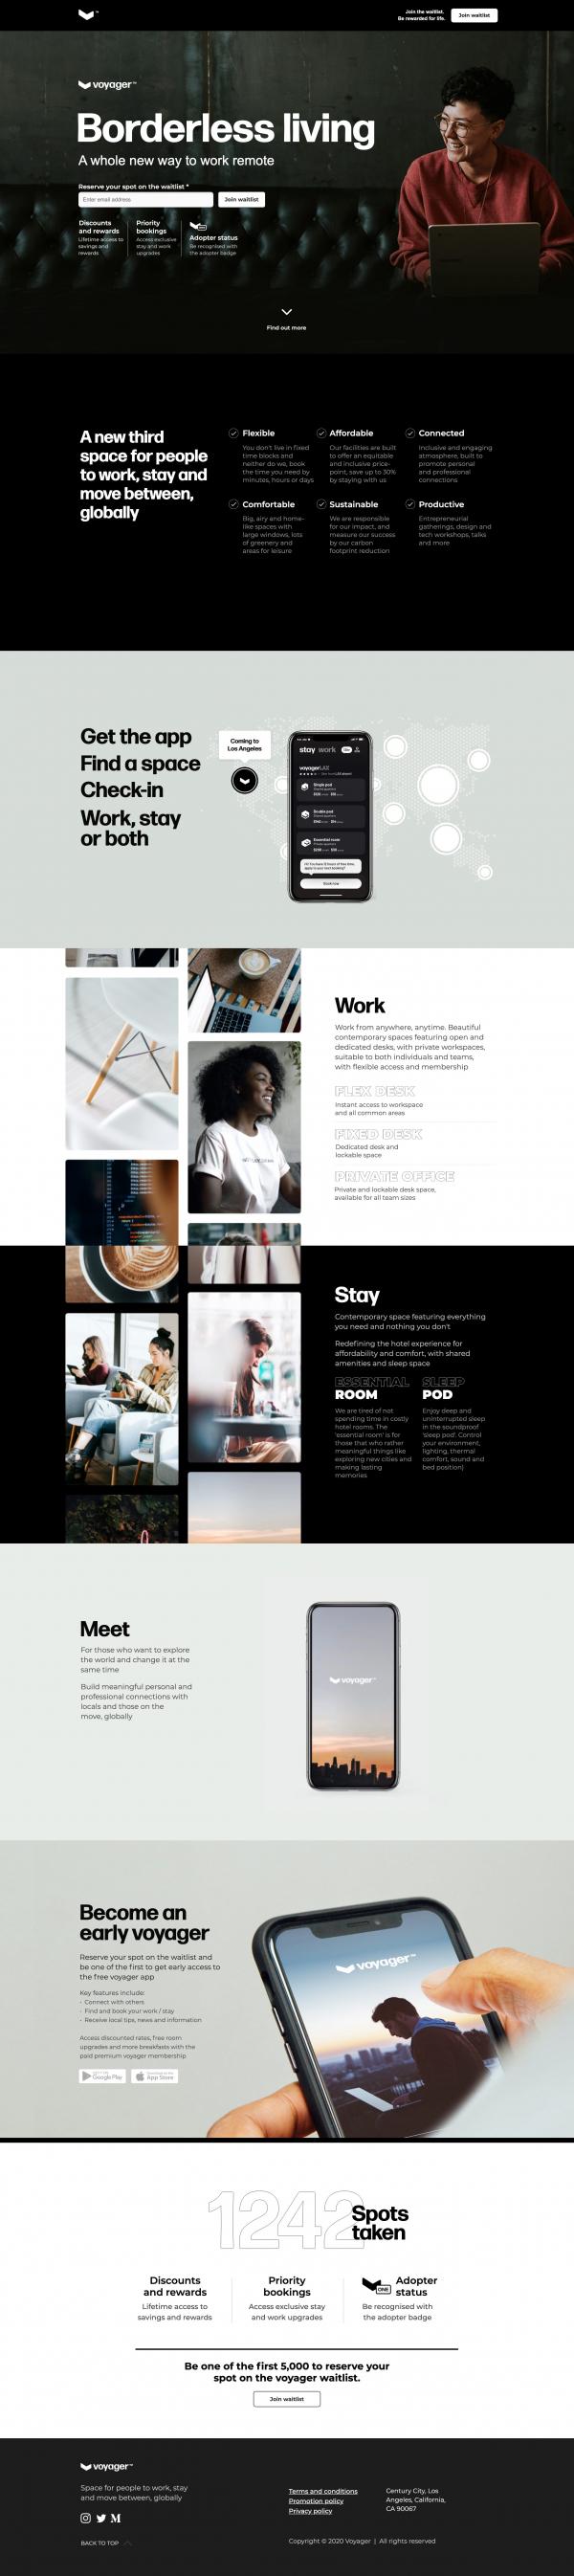 Website Inspiration: Voyager